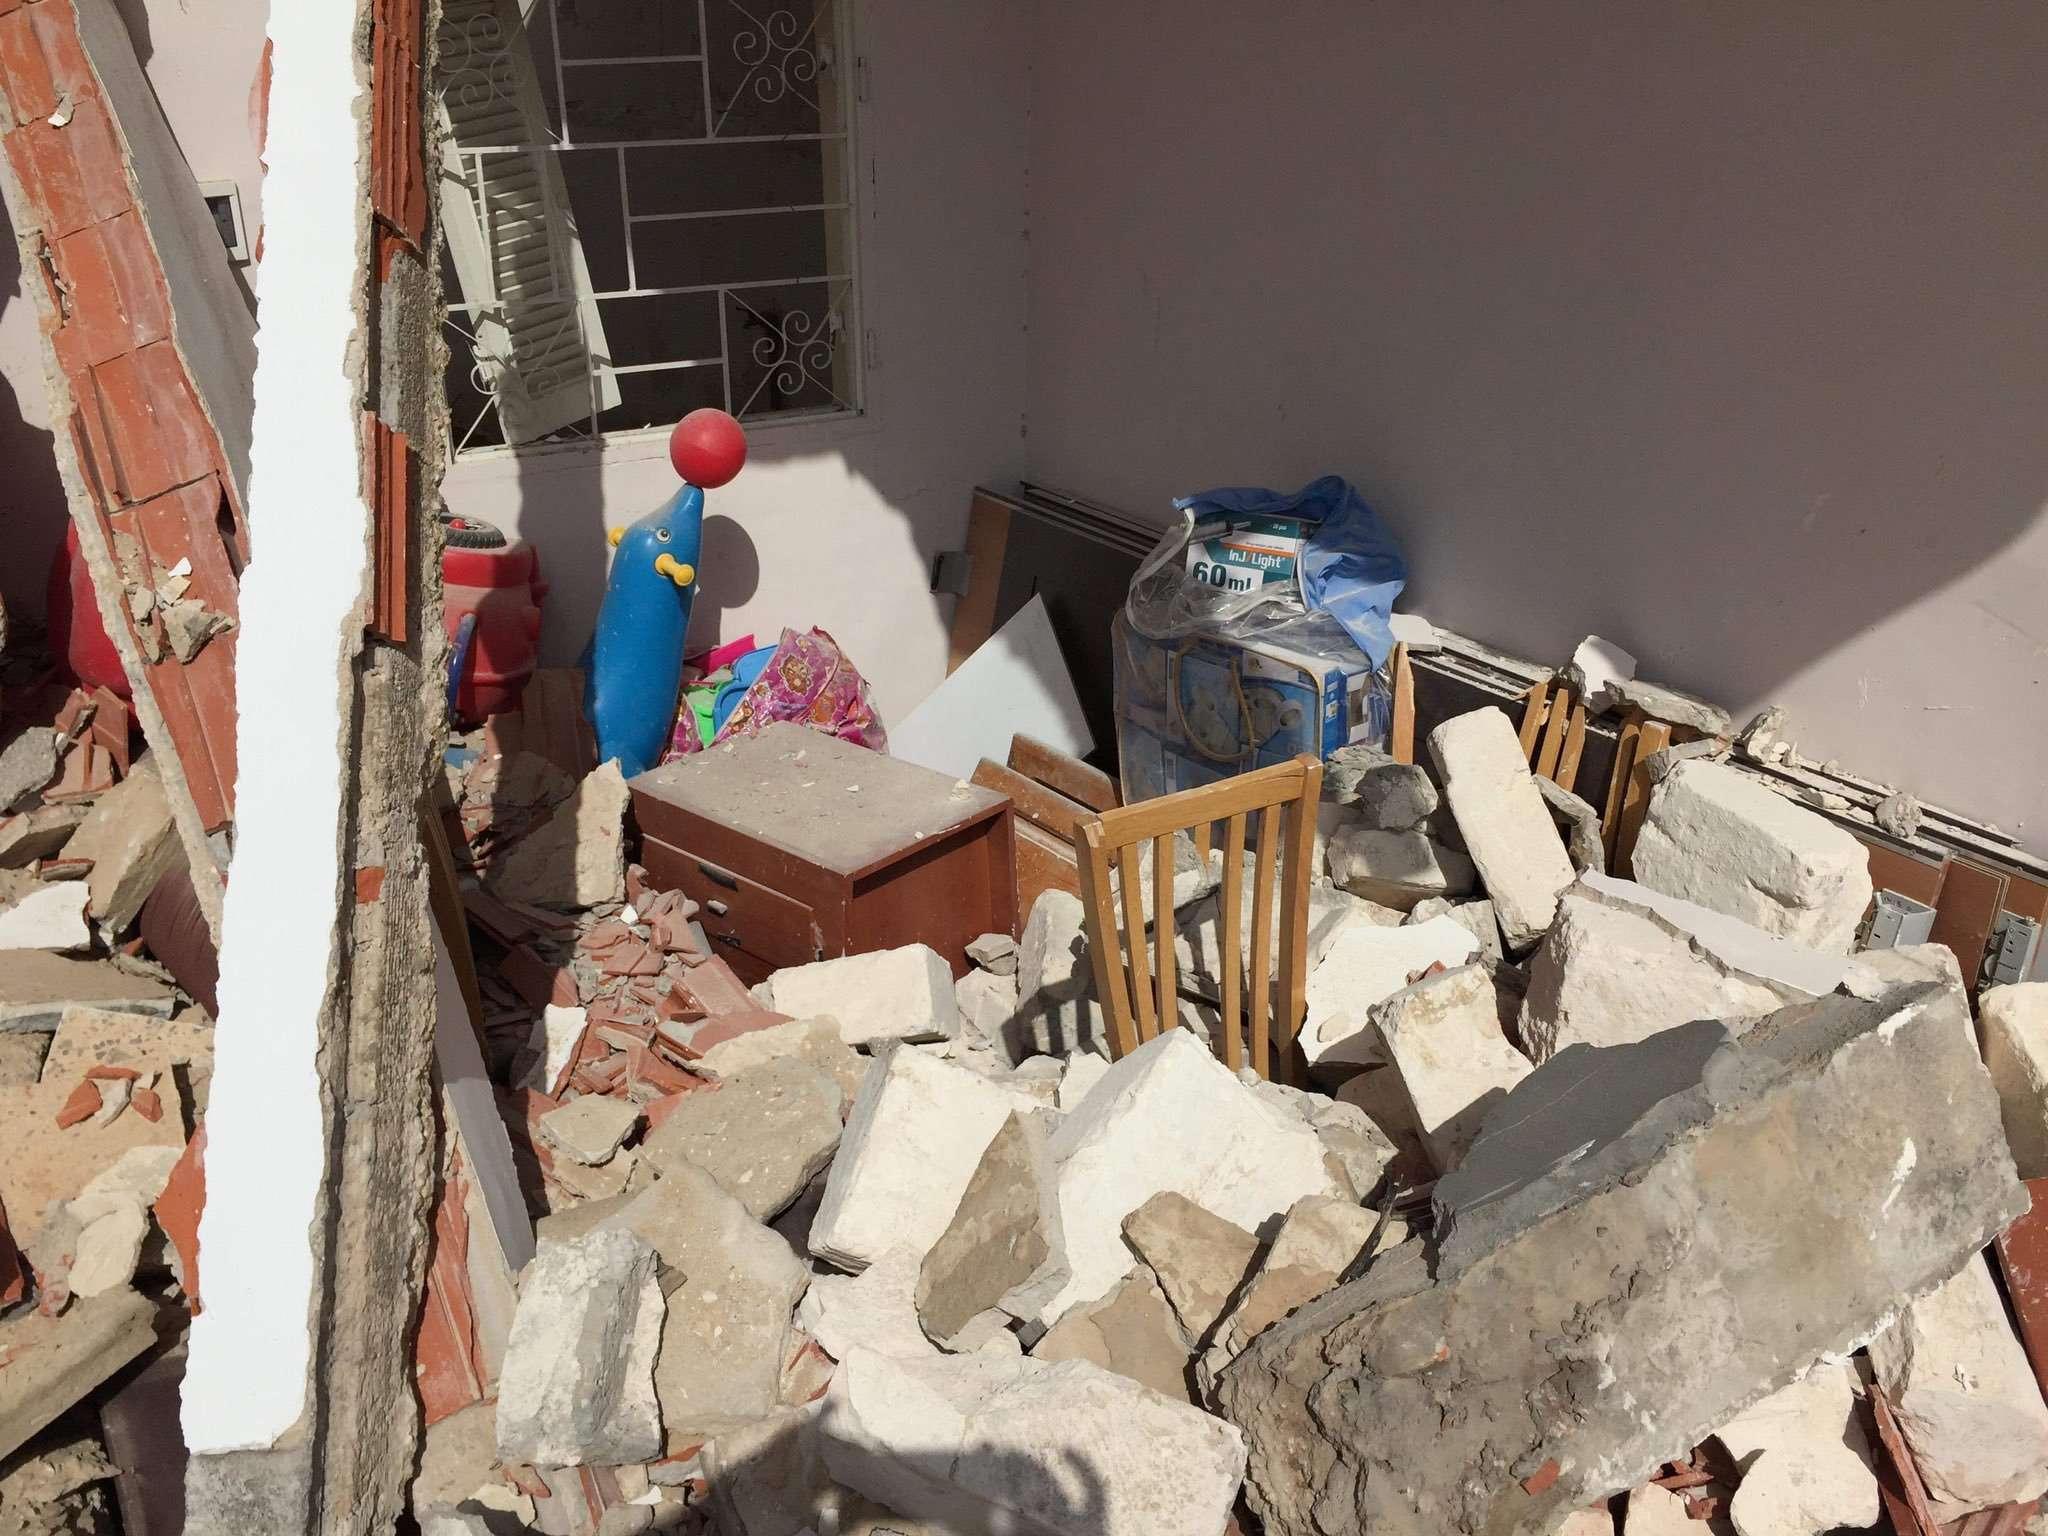 عقب مقتل 3 طفلات بغارة على منزلهم.. الأورومتوسطي: المجتمع الدولي مسؤول عن استمرار جرائم الحرب في ليبيا